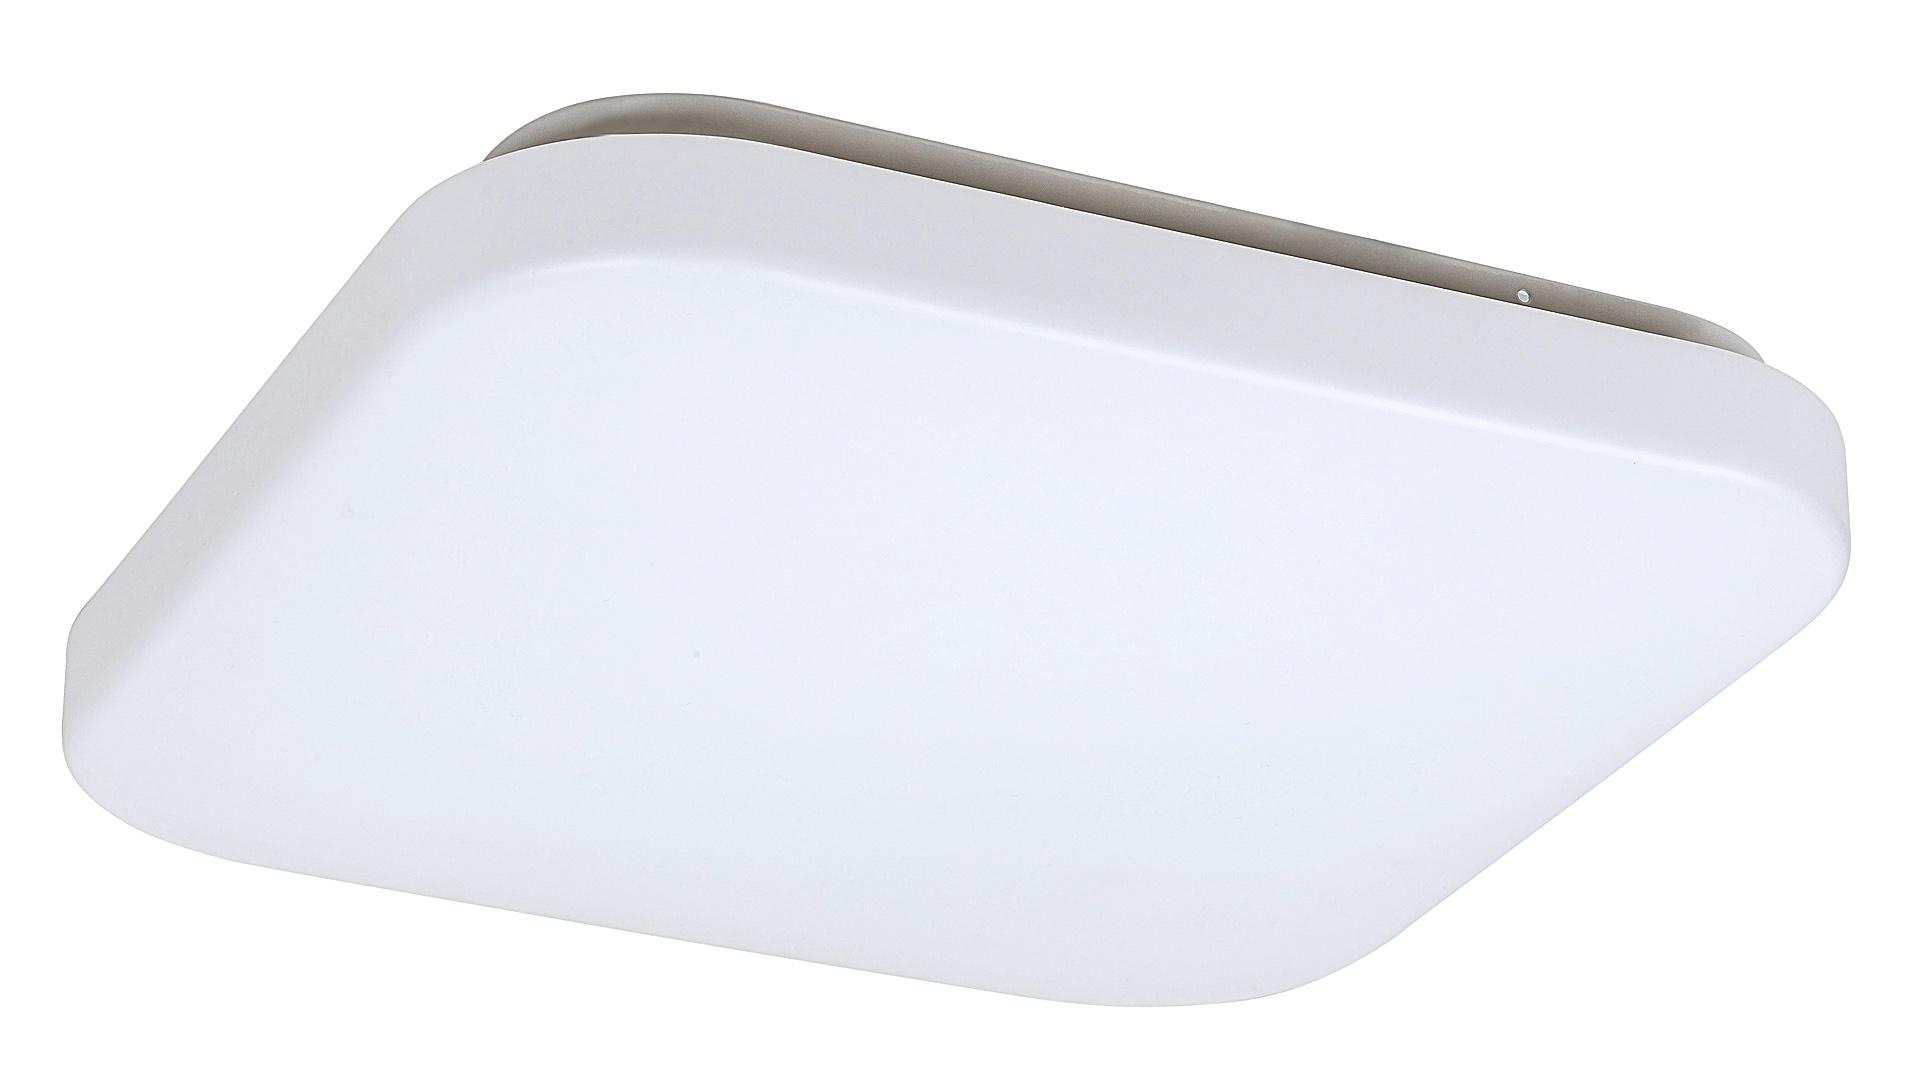 RABALUX 3340 ROB stropní led svítidlo Rabalux